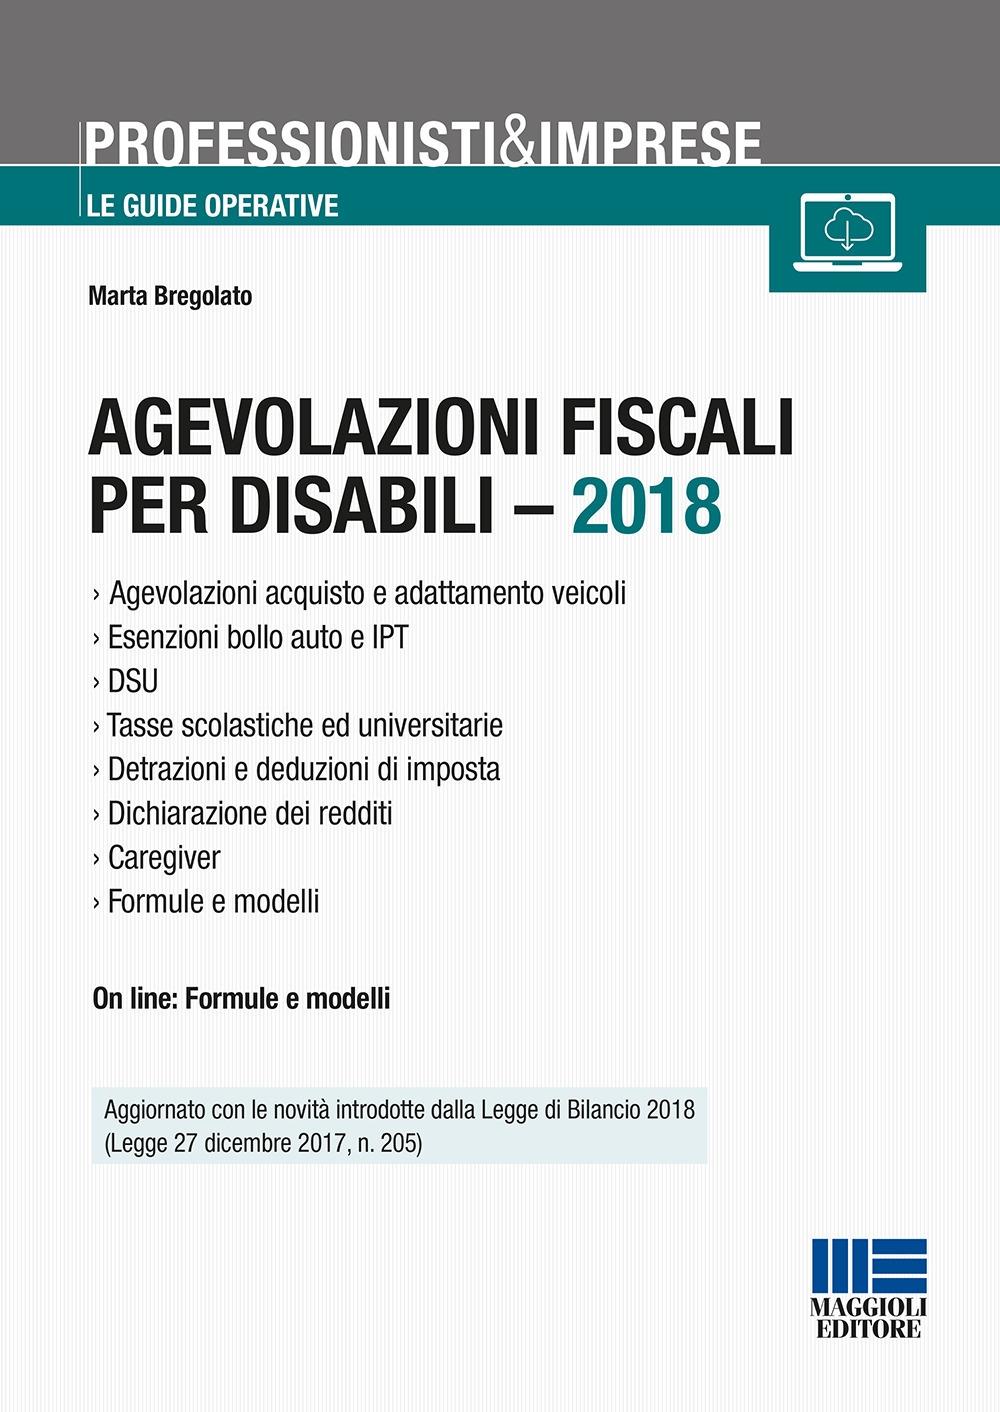 Agevolazioni fiscali per disabili - 2018